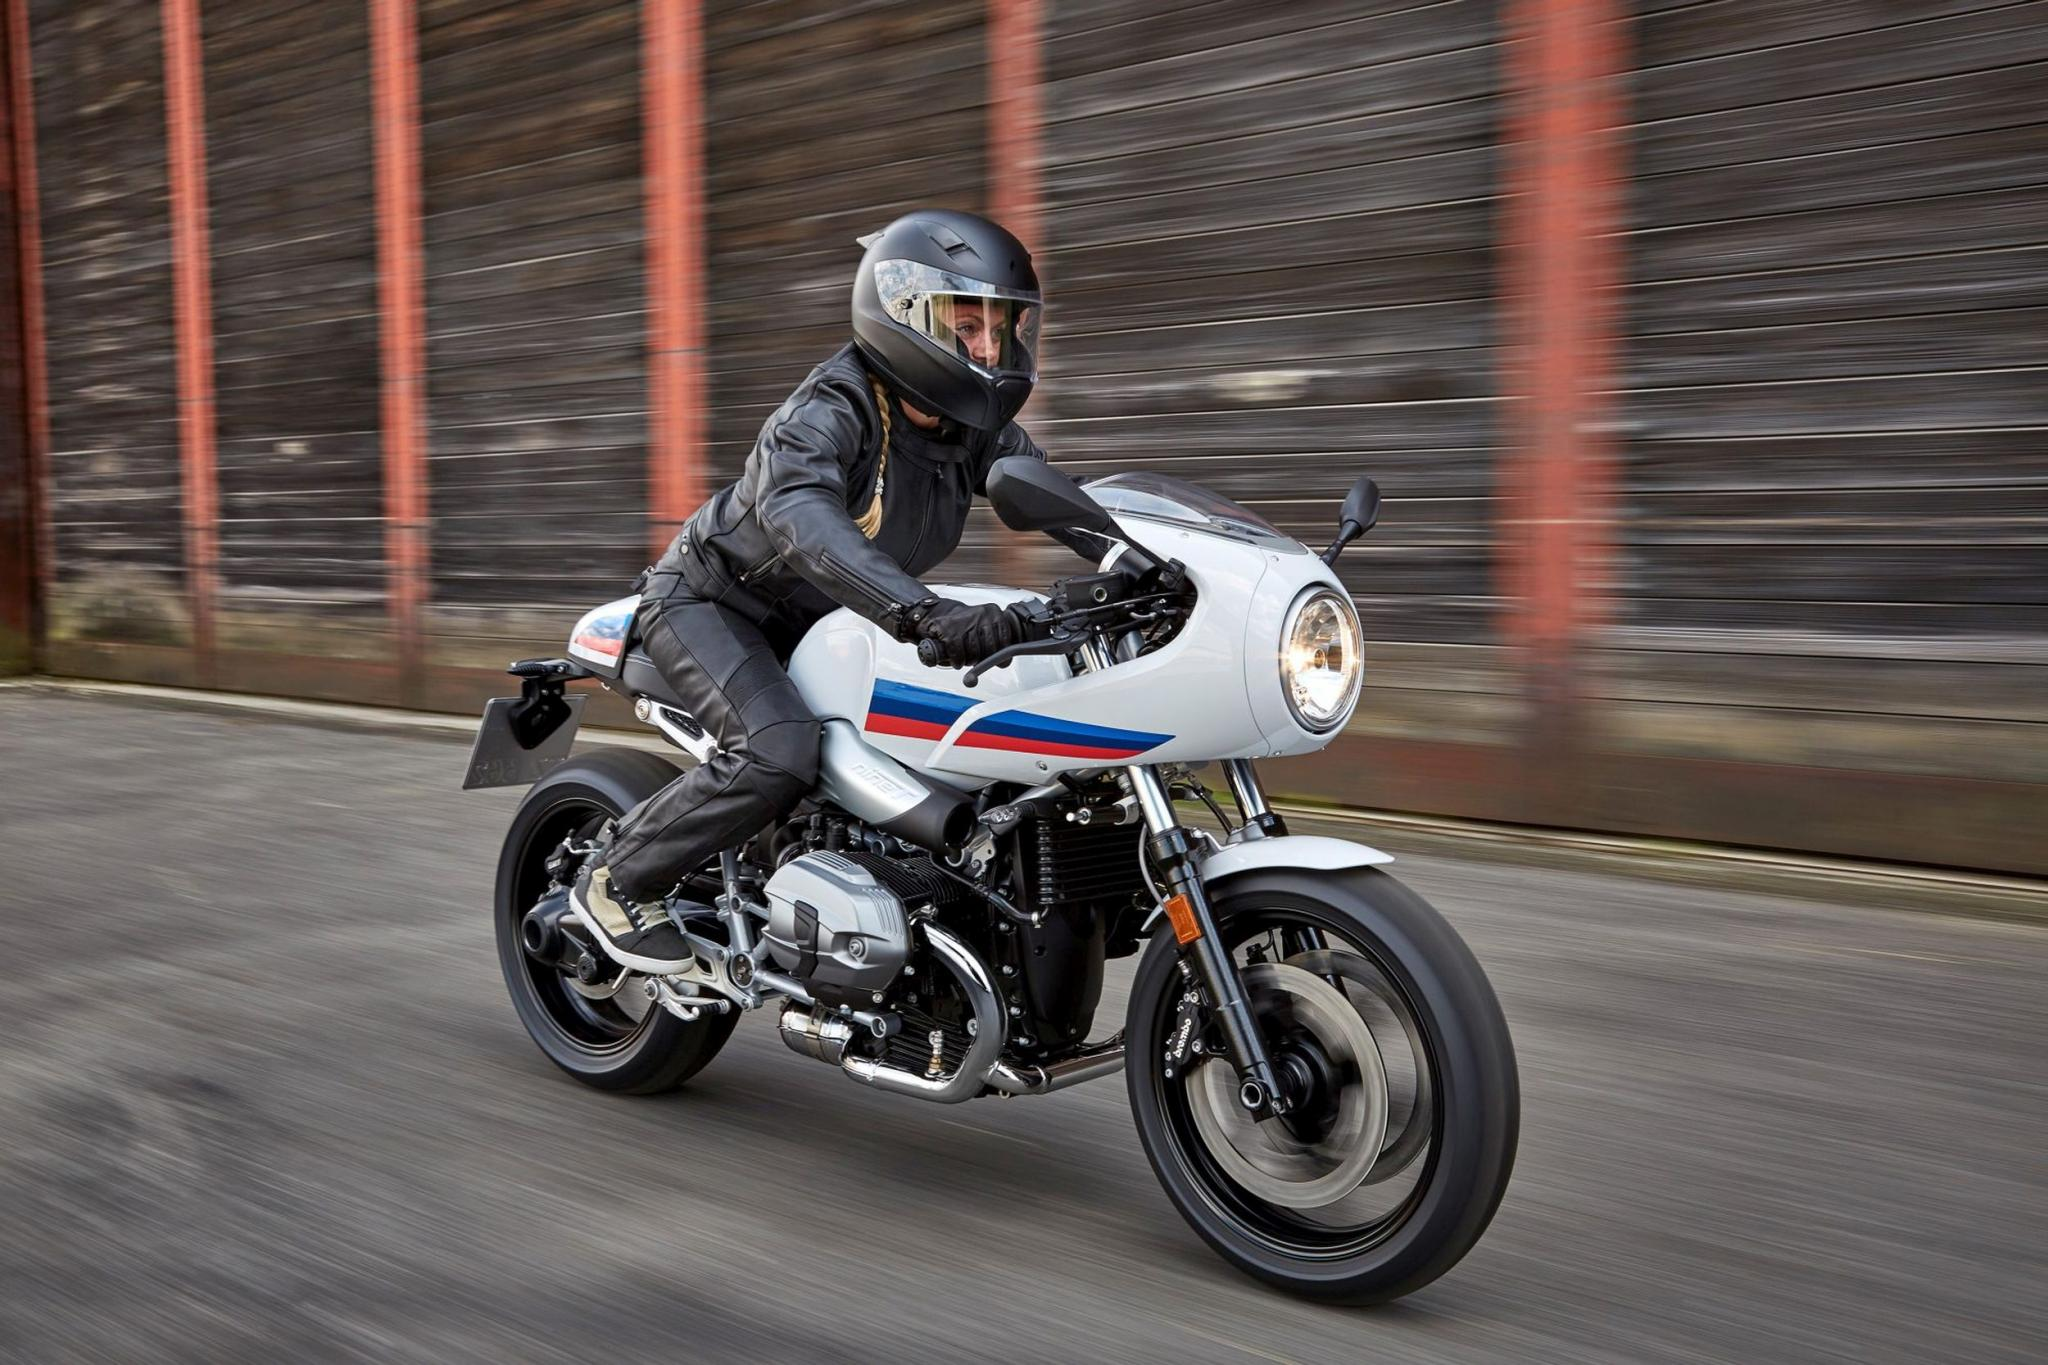 Bmw R Nin T >> BMW R nineT Racer 2017 Motorrad Fotos & Motorrad Bilder